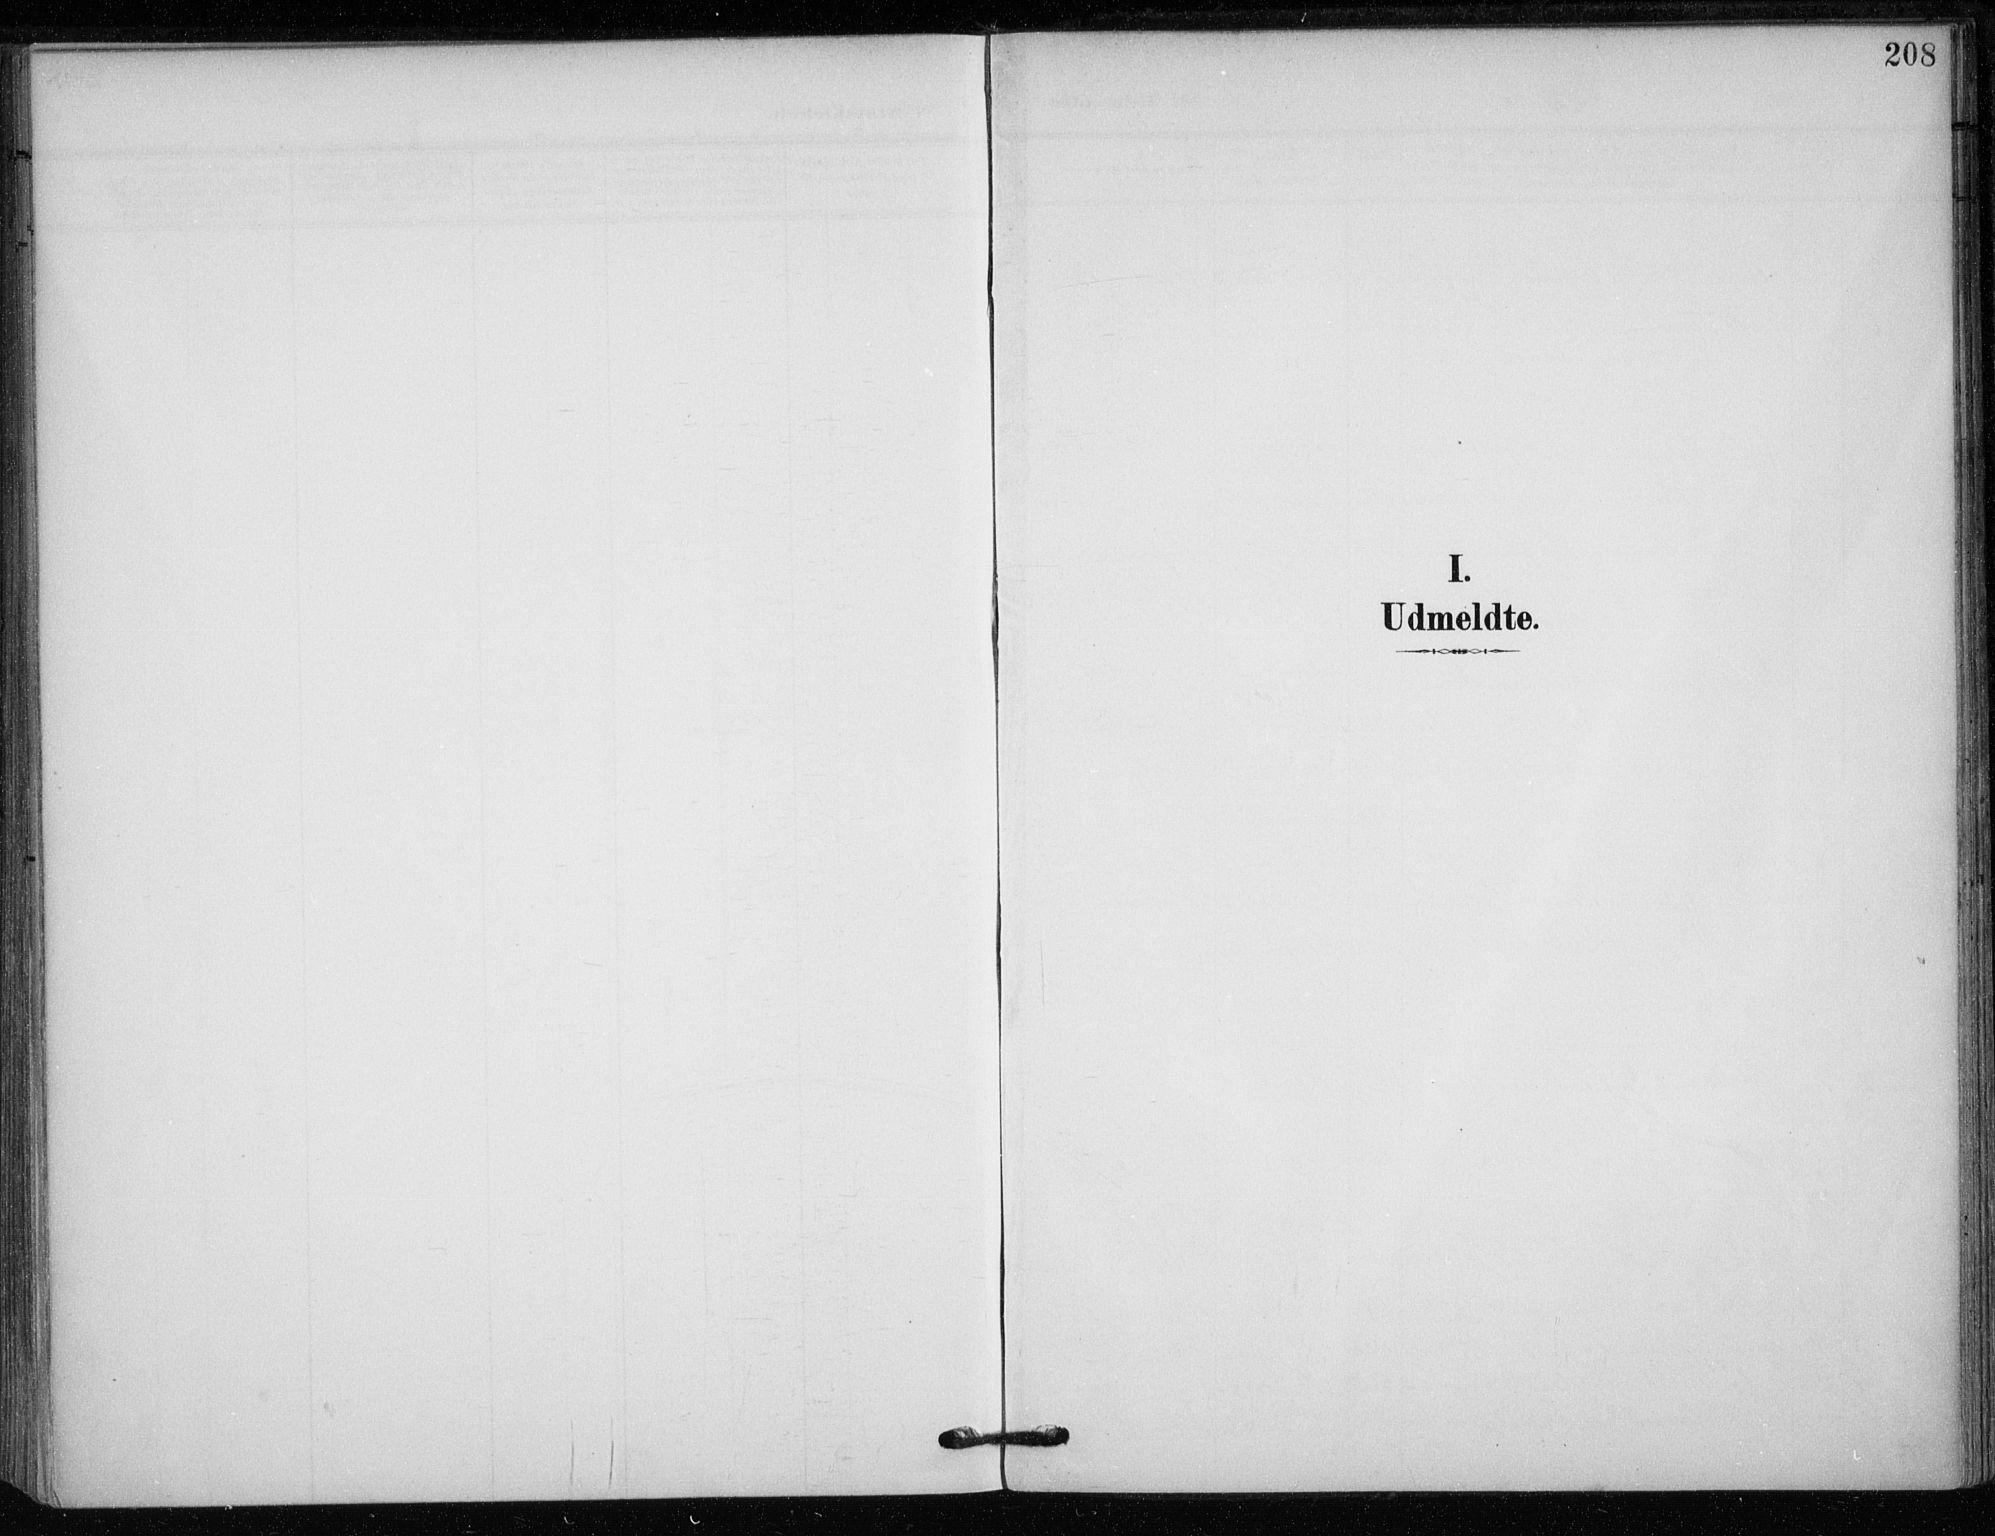 SATØ, Hammerfest sokneprestkontor, H/Ha/L0014.kirke: Ministerialbok nr. 14, 1906-1916, s. 208